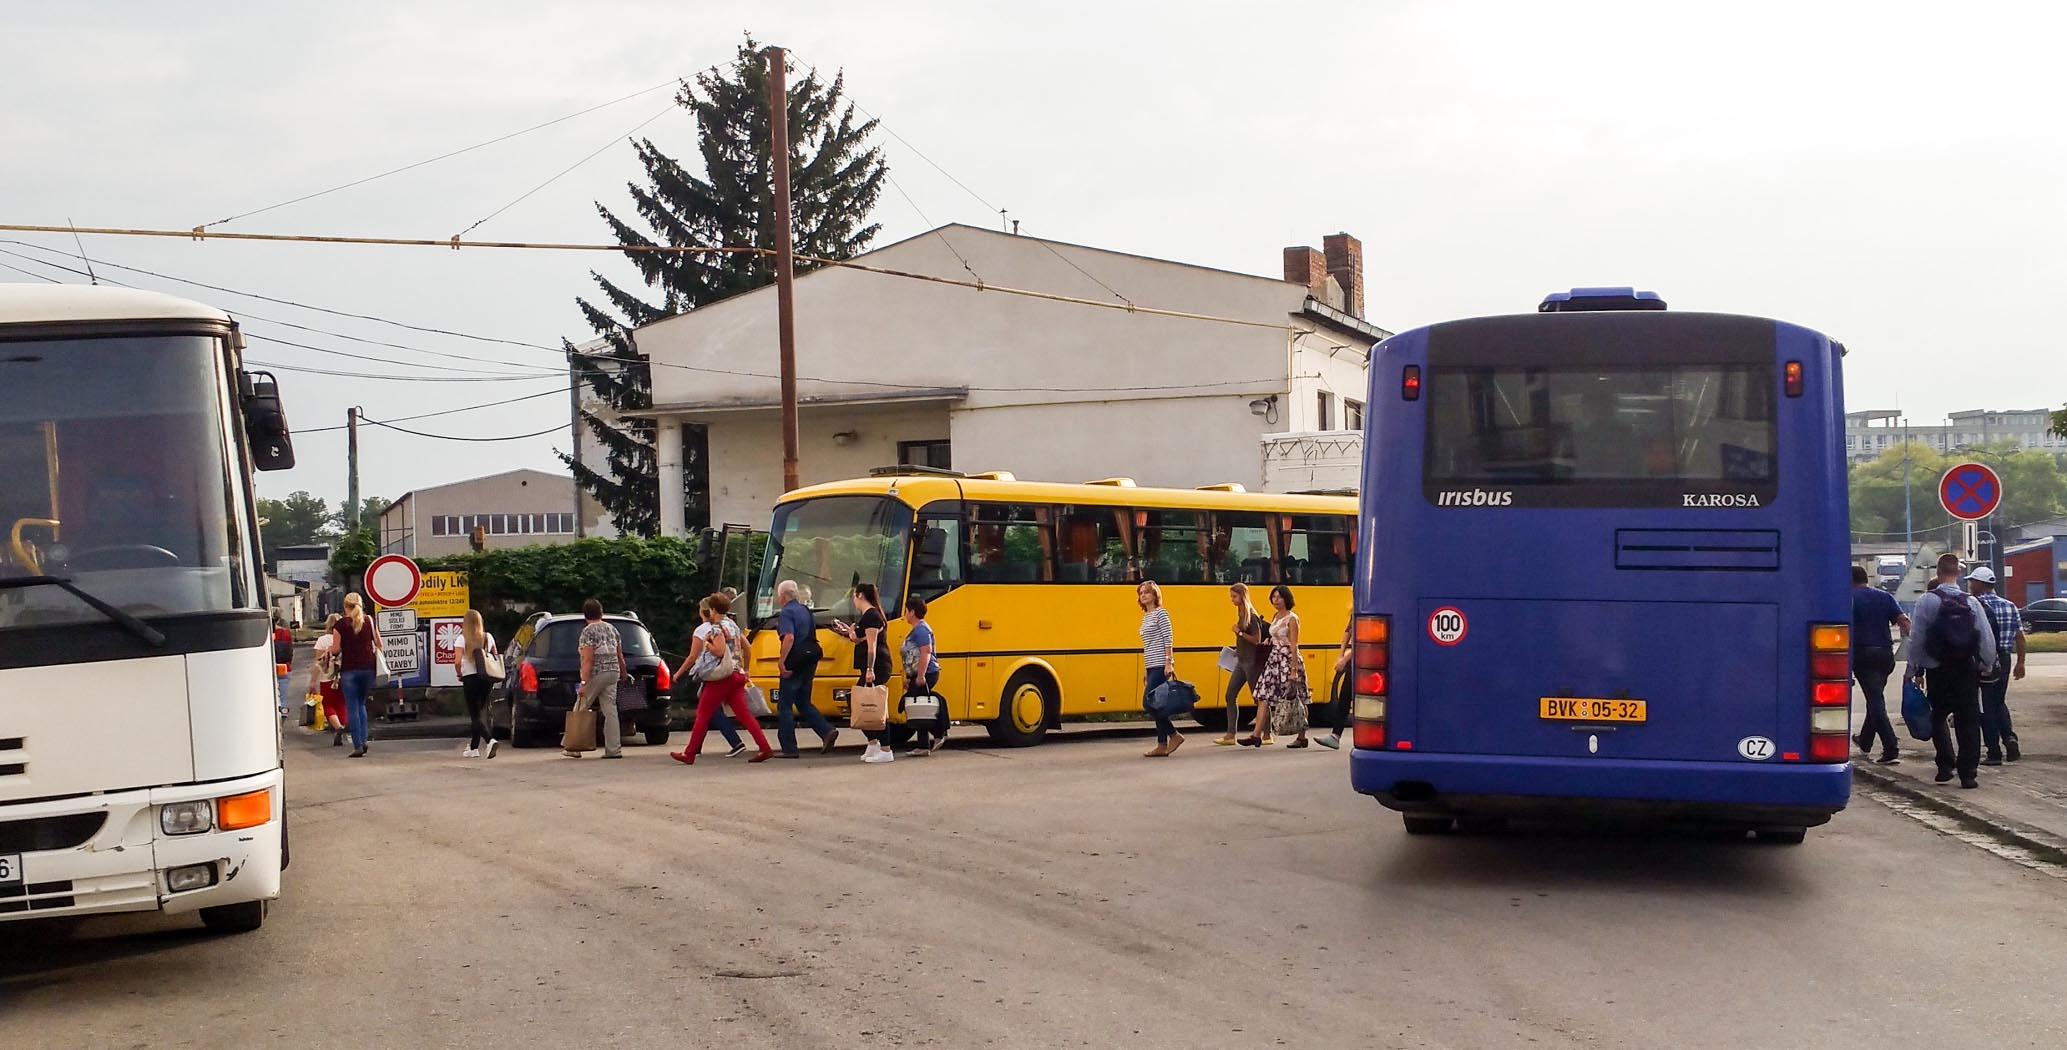 Autobus náhradní dopravy přiváží cestující z Horního nádraží, resp. z provizorního stanoviště Náhradní dopravy Uhelná.